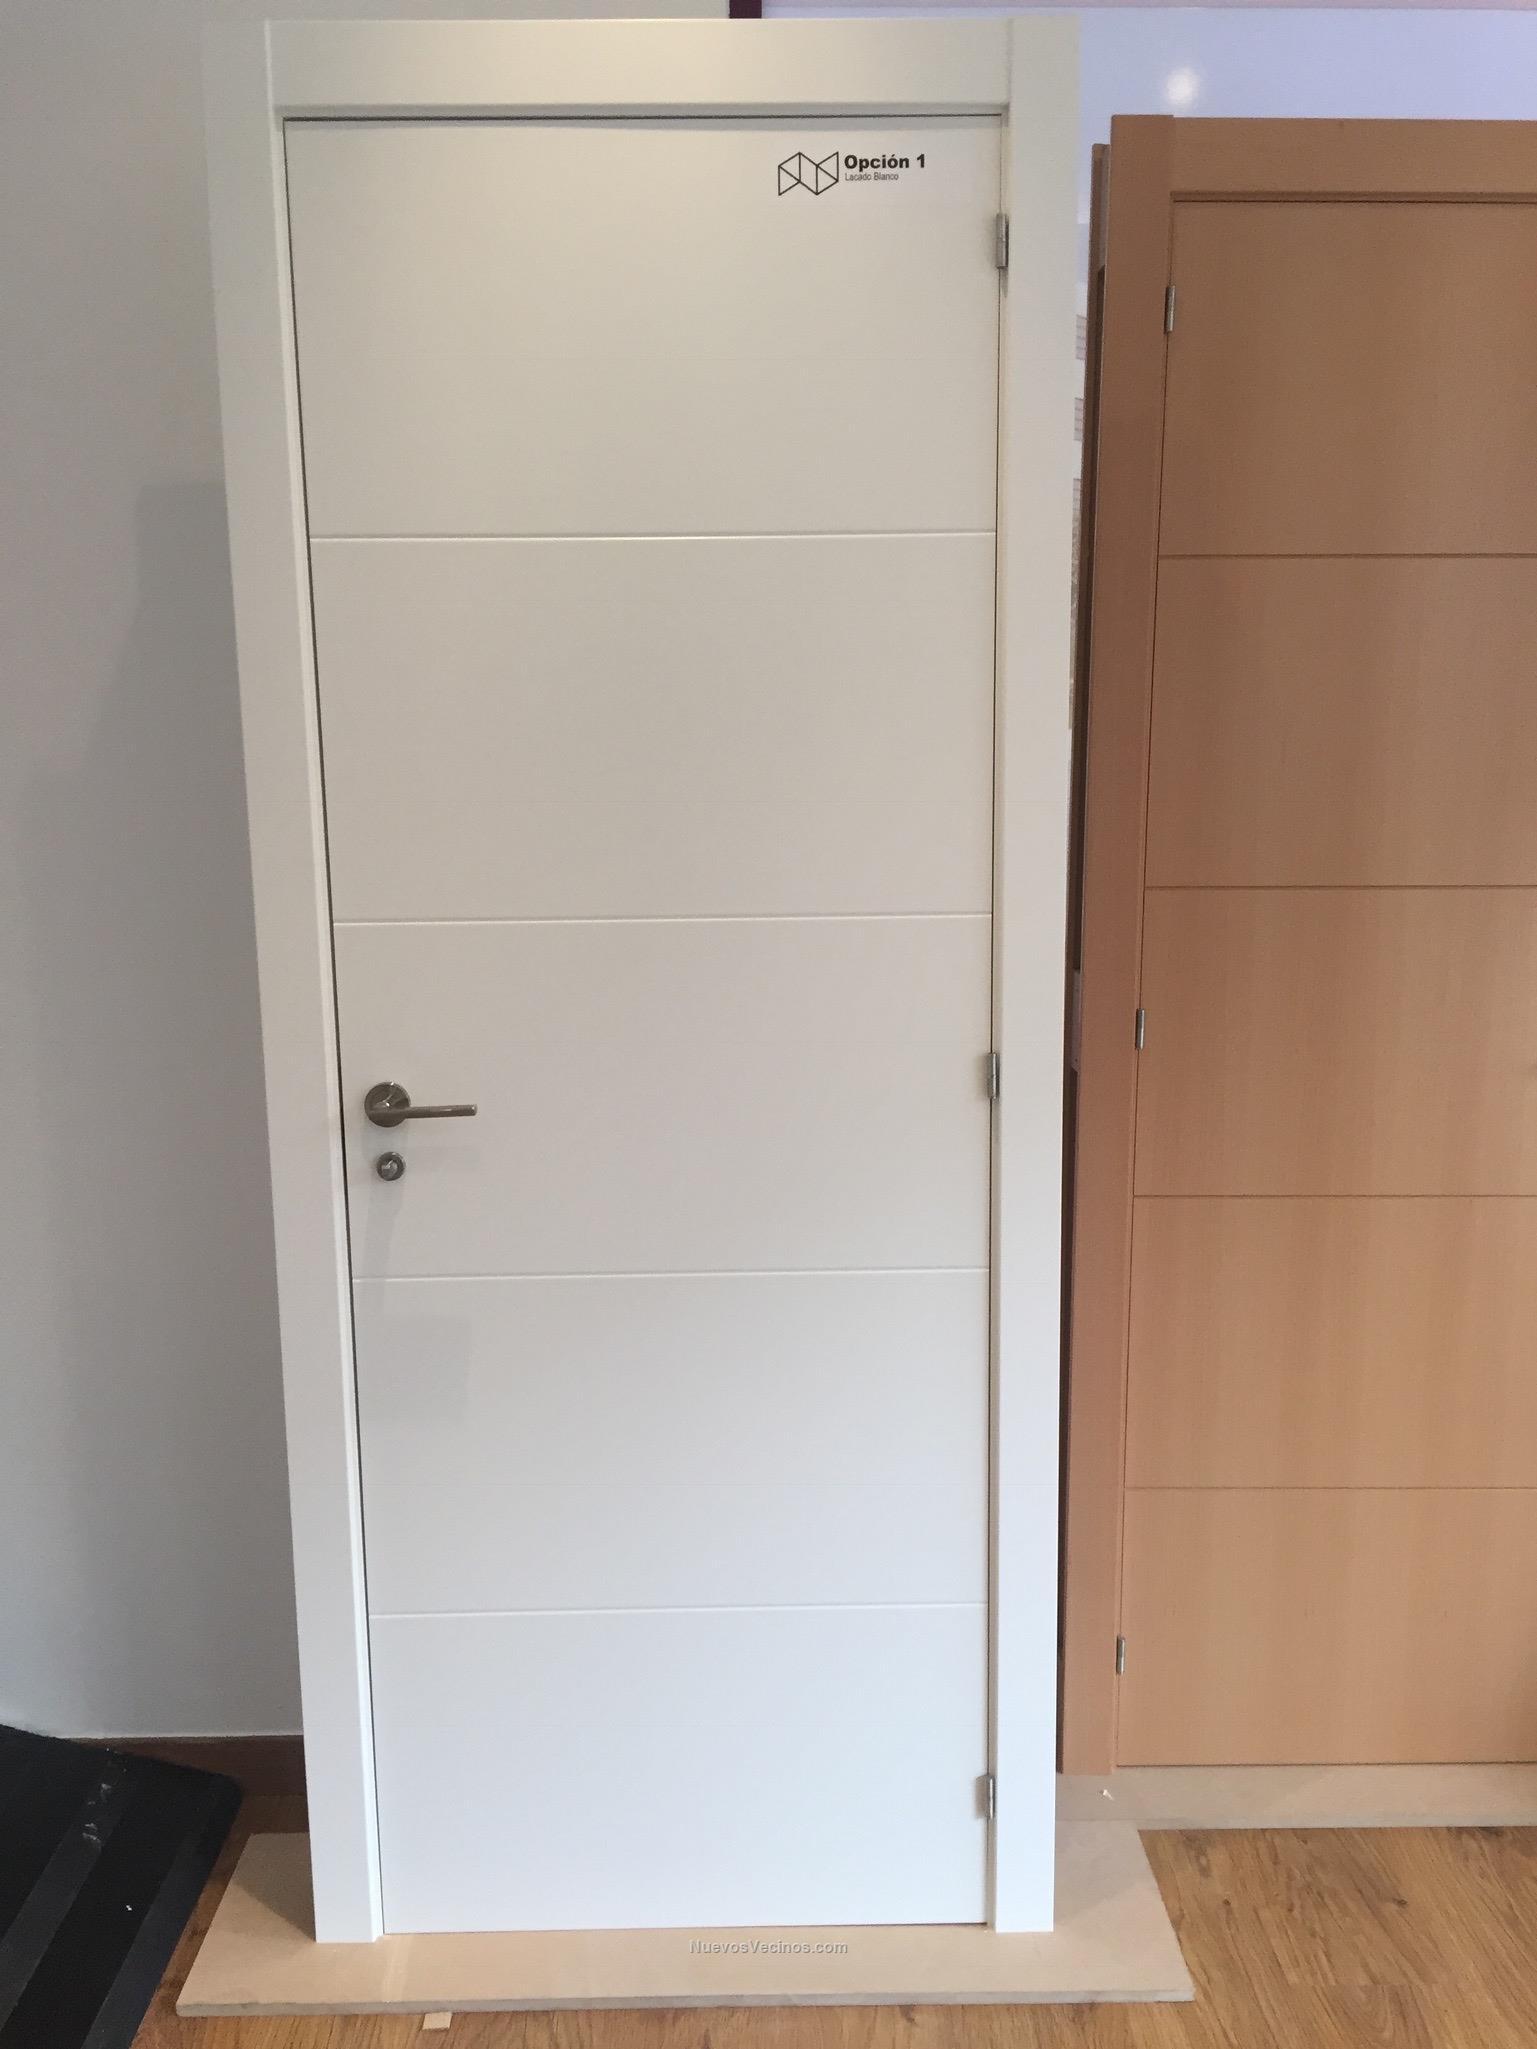 Puerta lacada blanca simple affordable awesome puerta for Puertas madera blancas precios